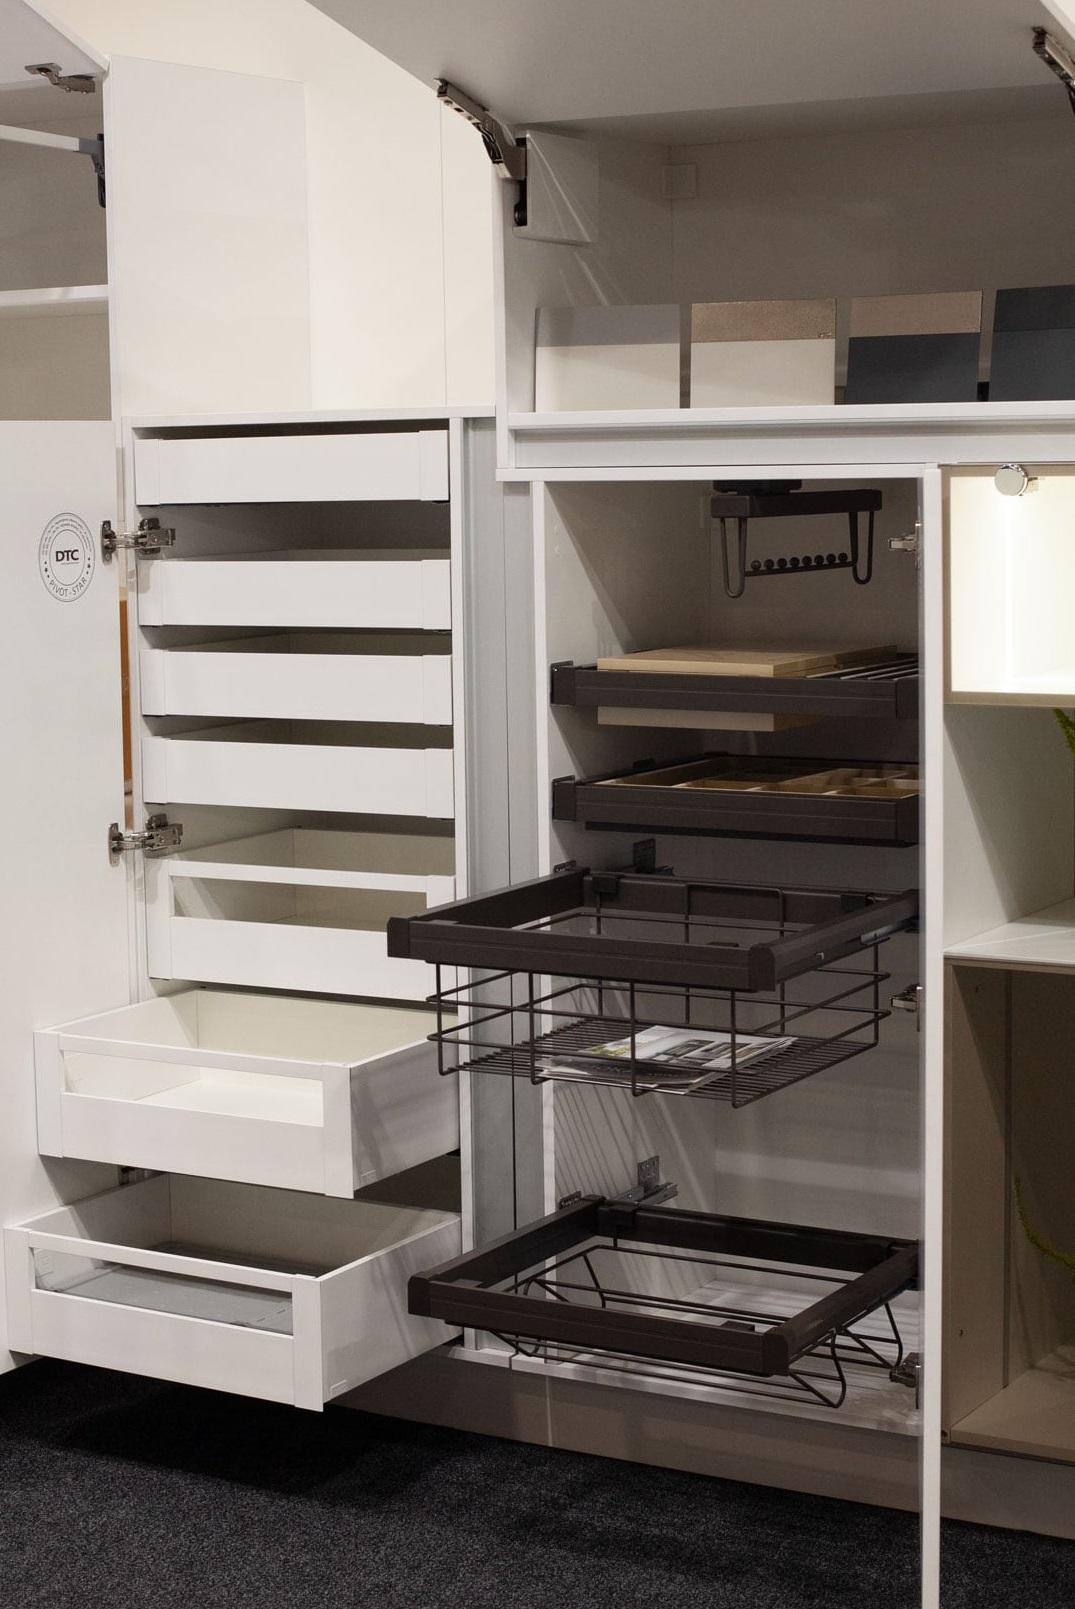 Furnitūra: stalčiai, pakėlimo sistemos, daiktų laikymo prekės